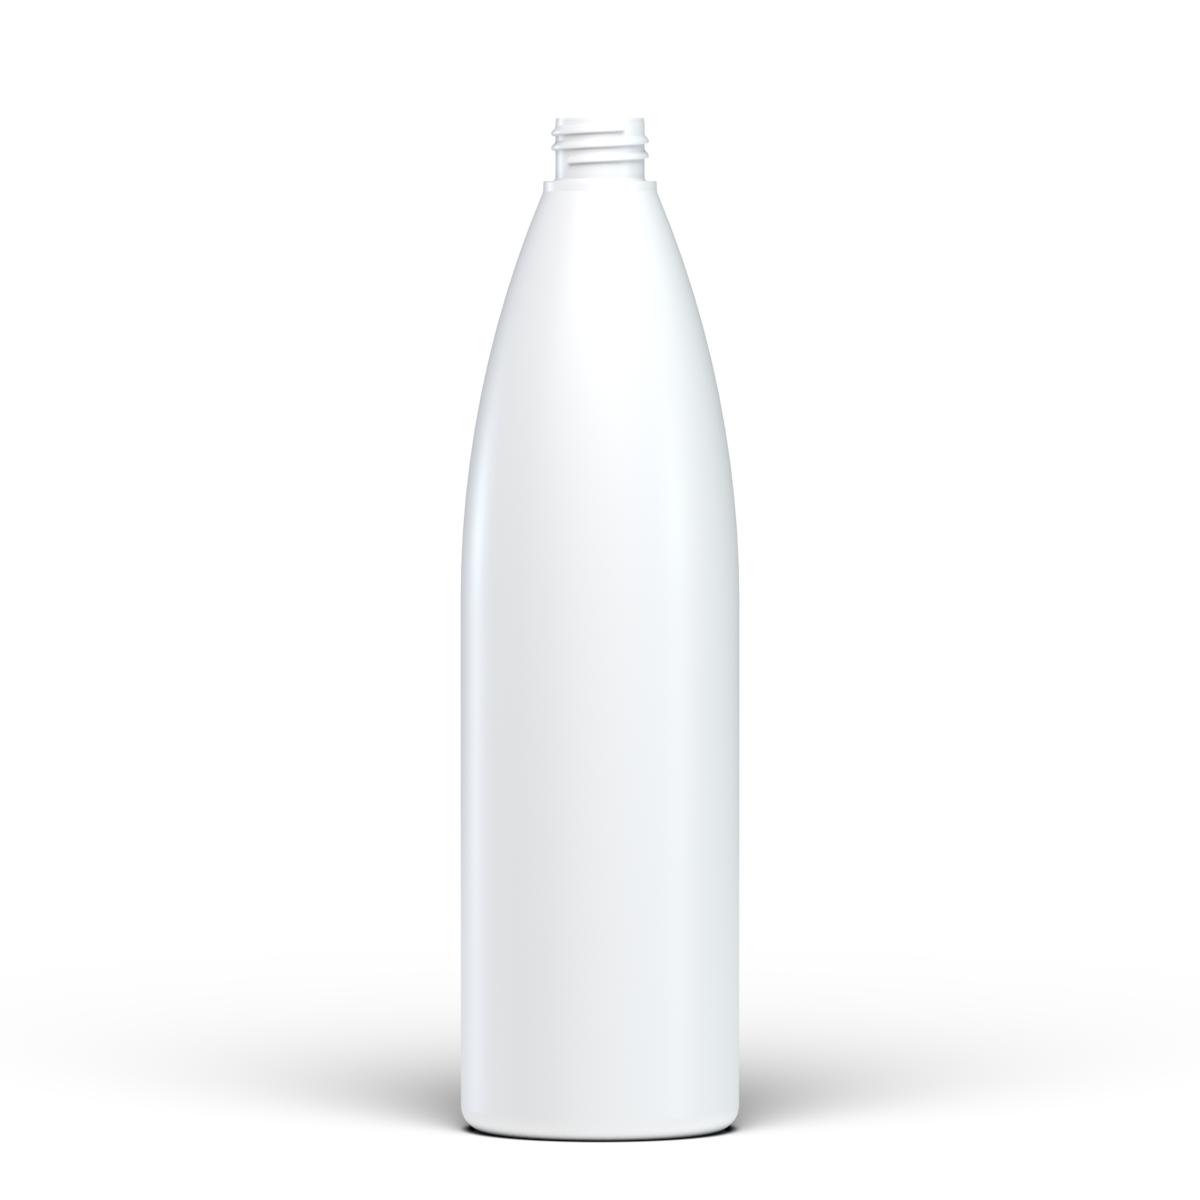 Flacone cilindrico 1 lt HDPE/SOFT TOUCH, collo 28/410, linea ISCHIA